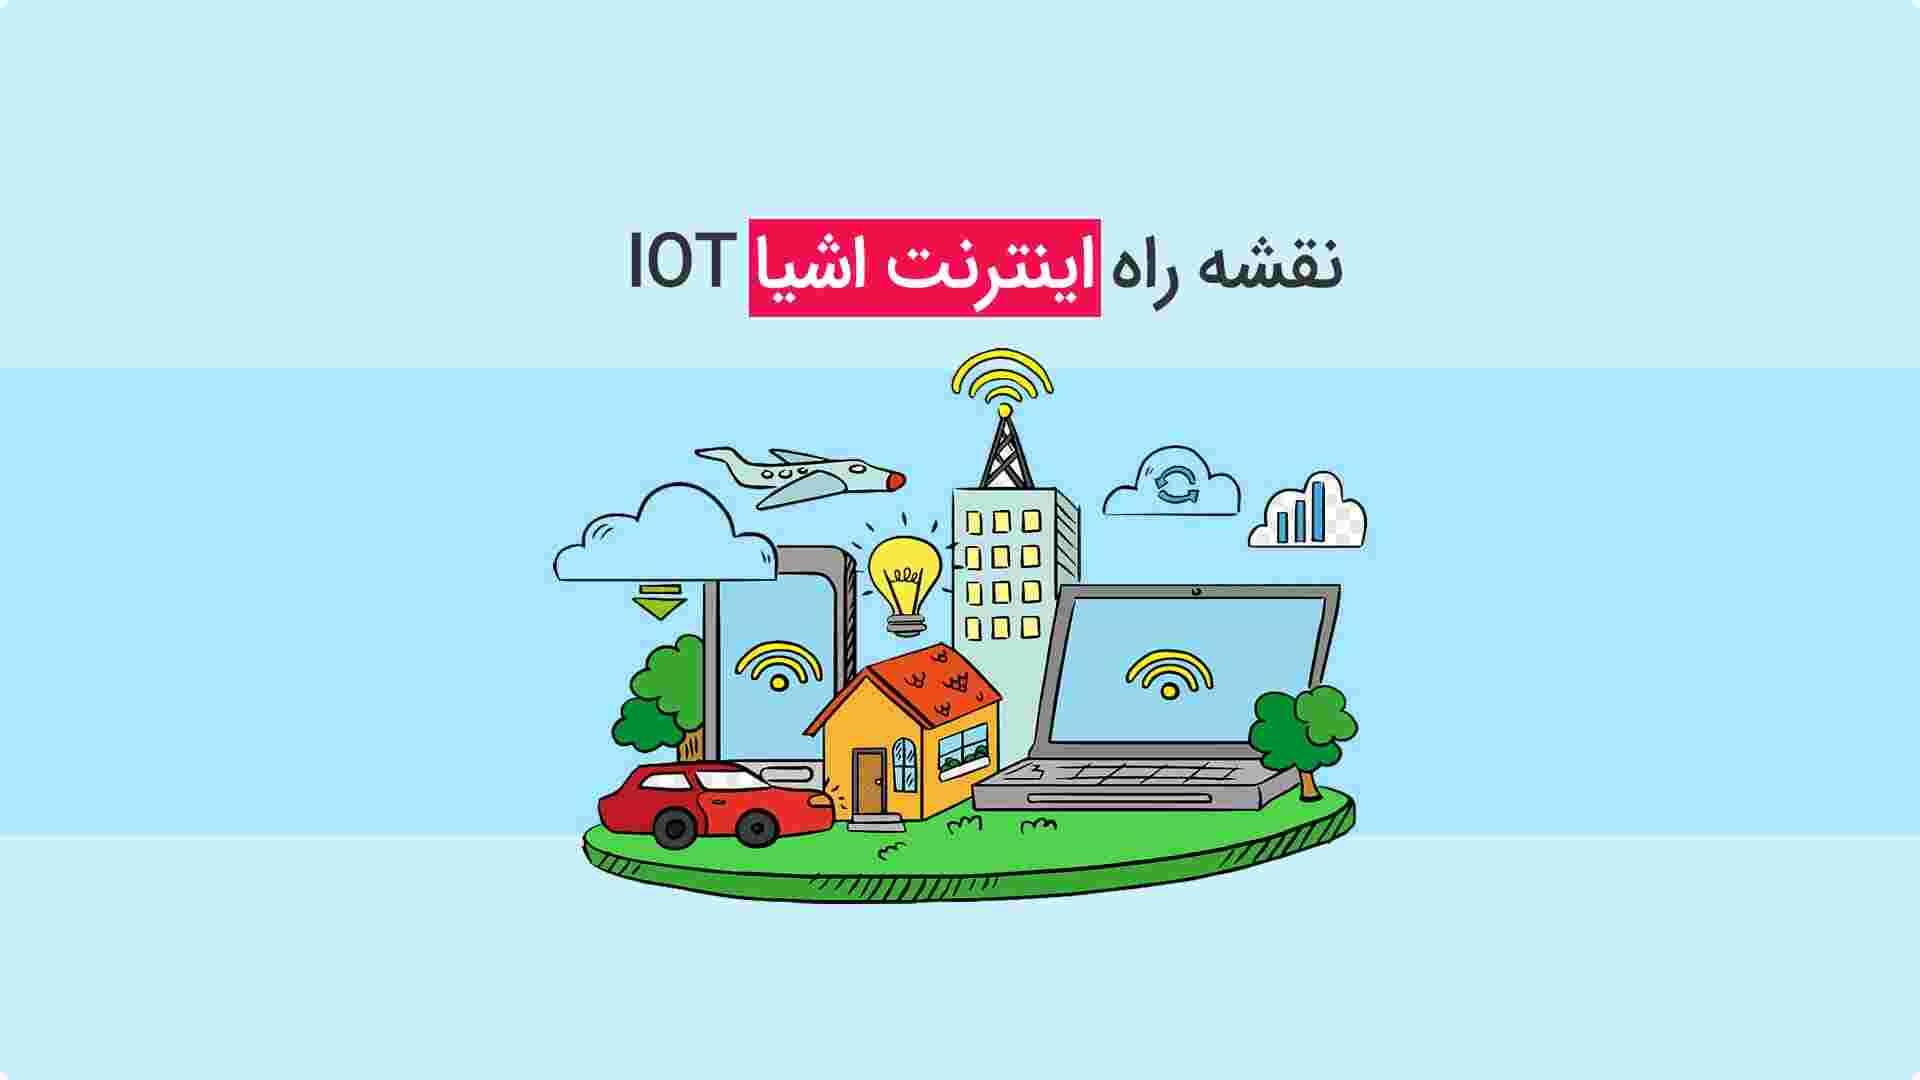 نقشه راه اینترنت اشیا IOT – مسیر یادگیری اینترنت اشیا